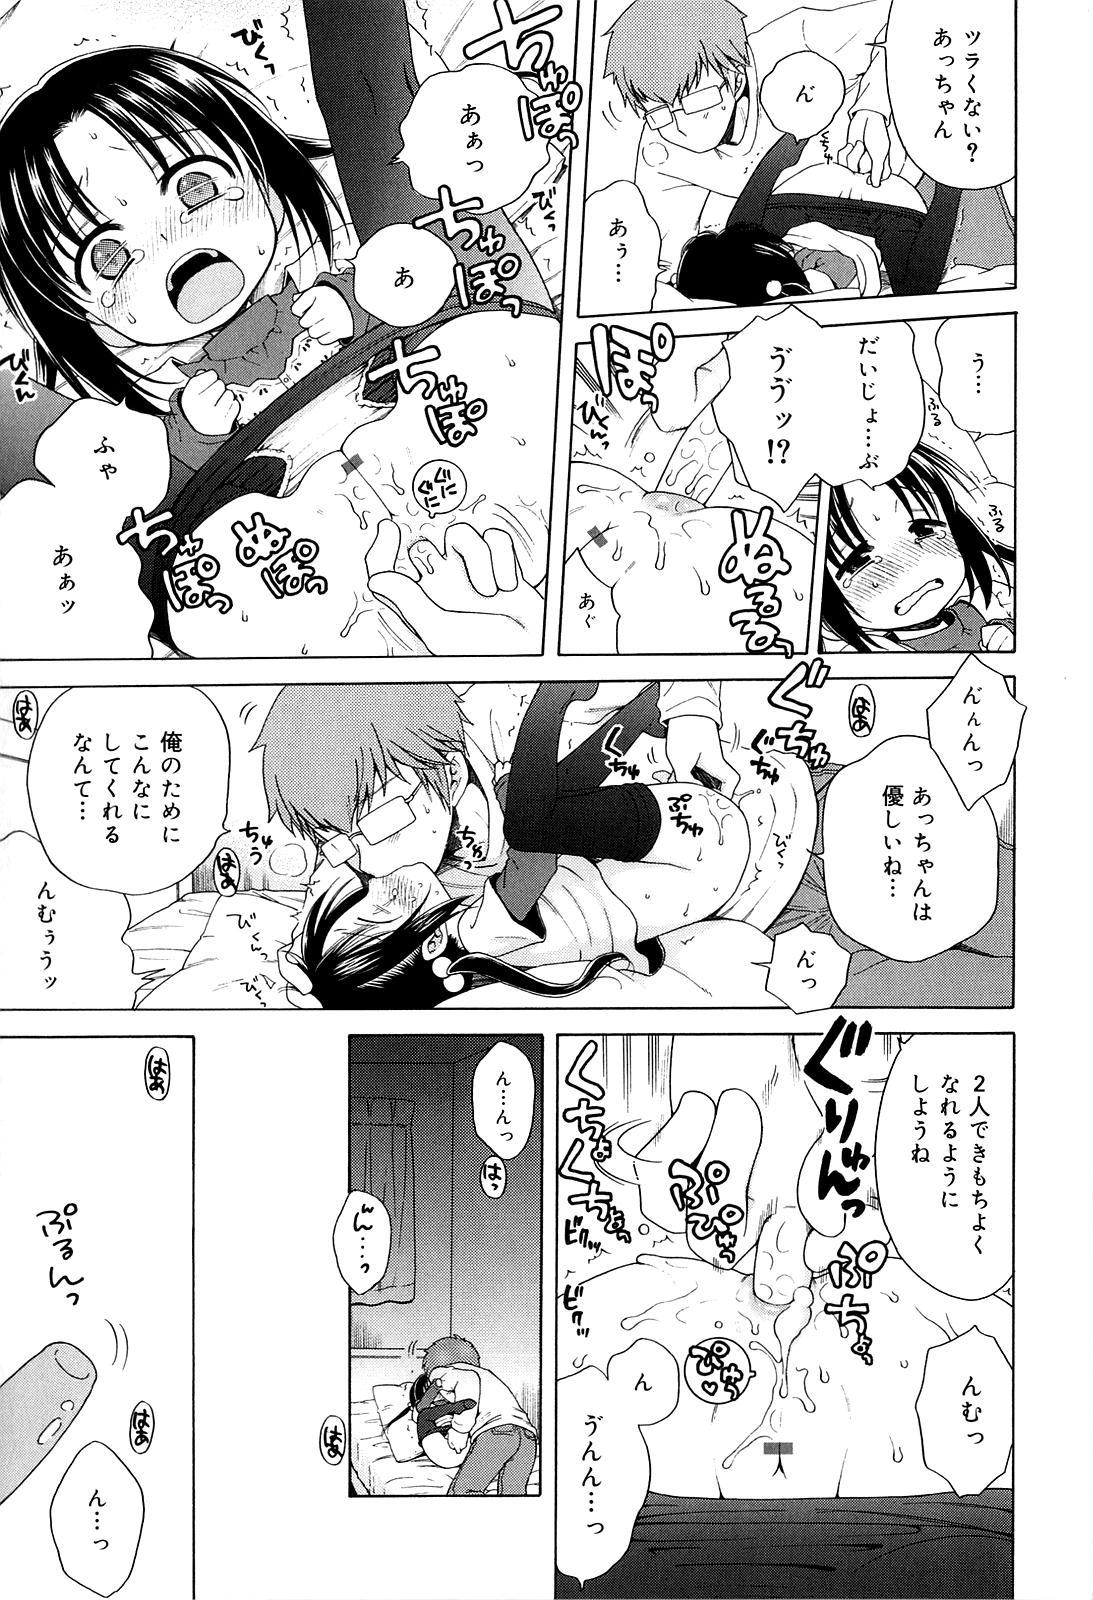 Tsukimisou no Akari 86